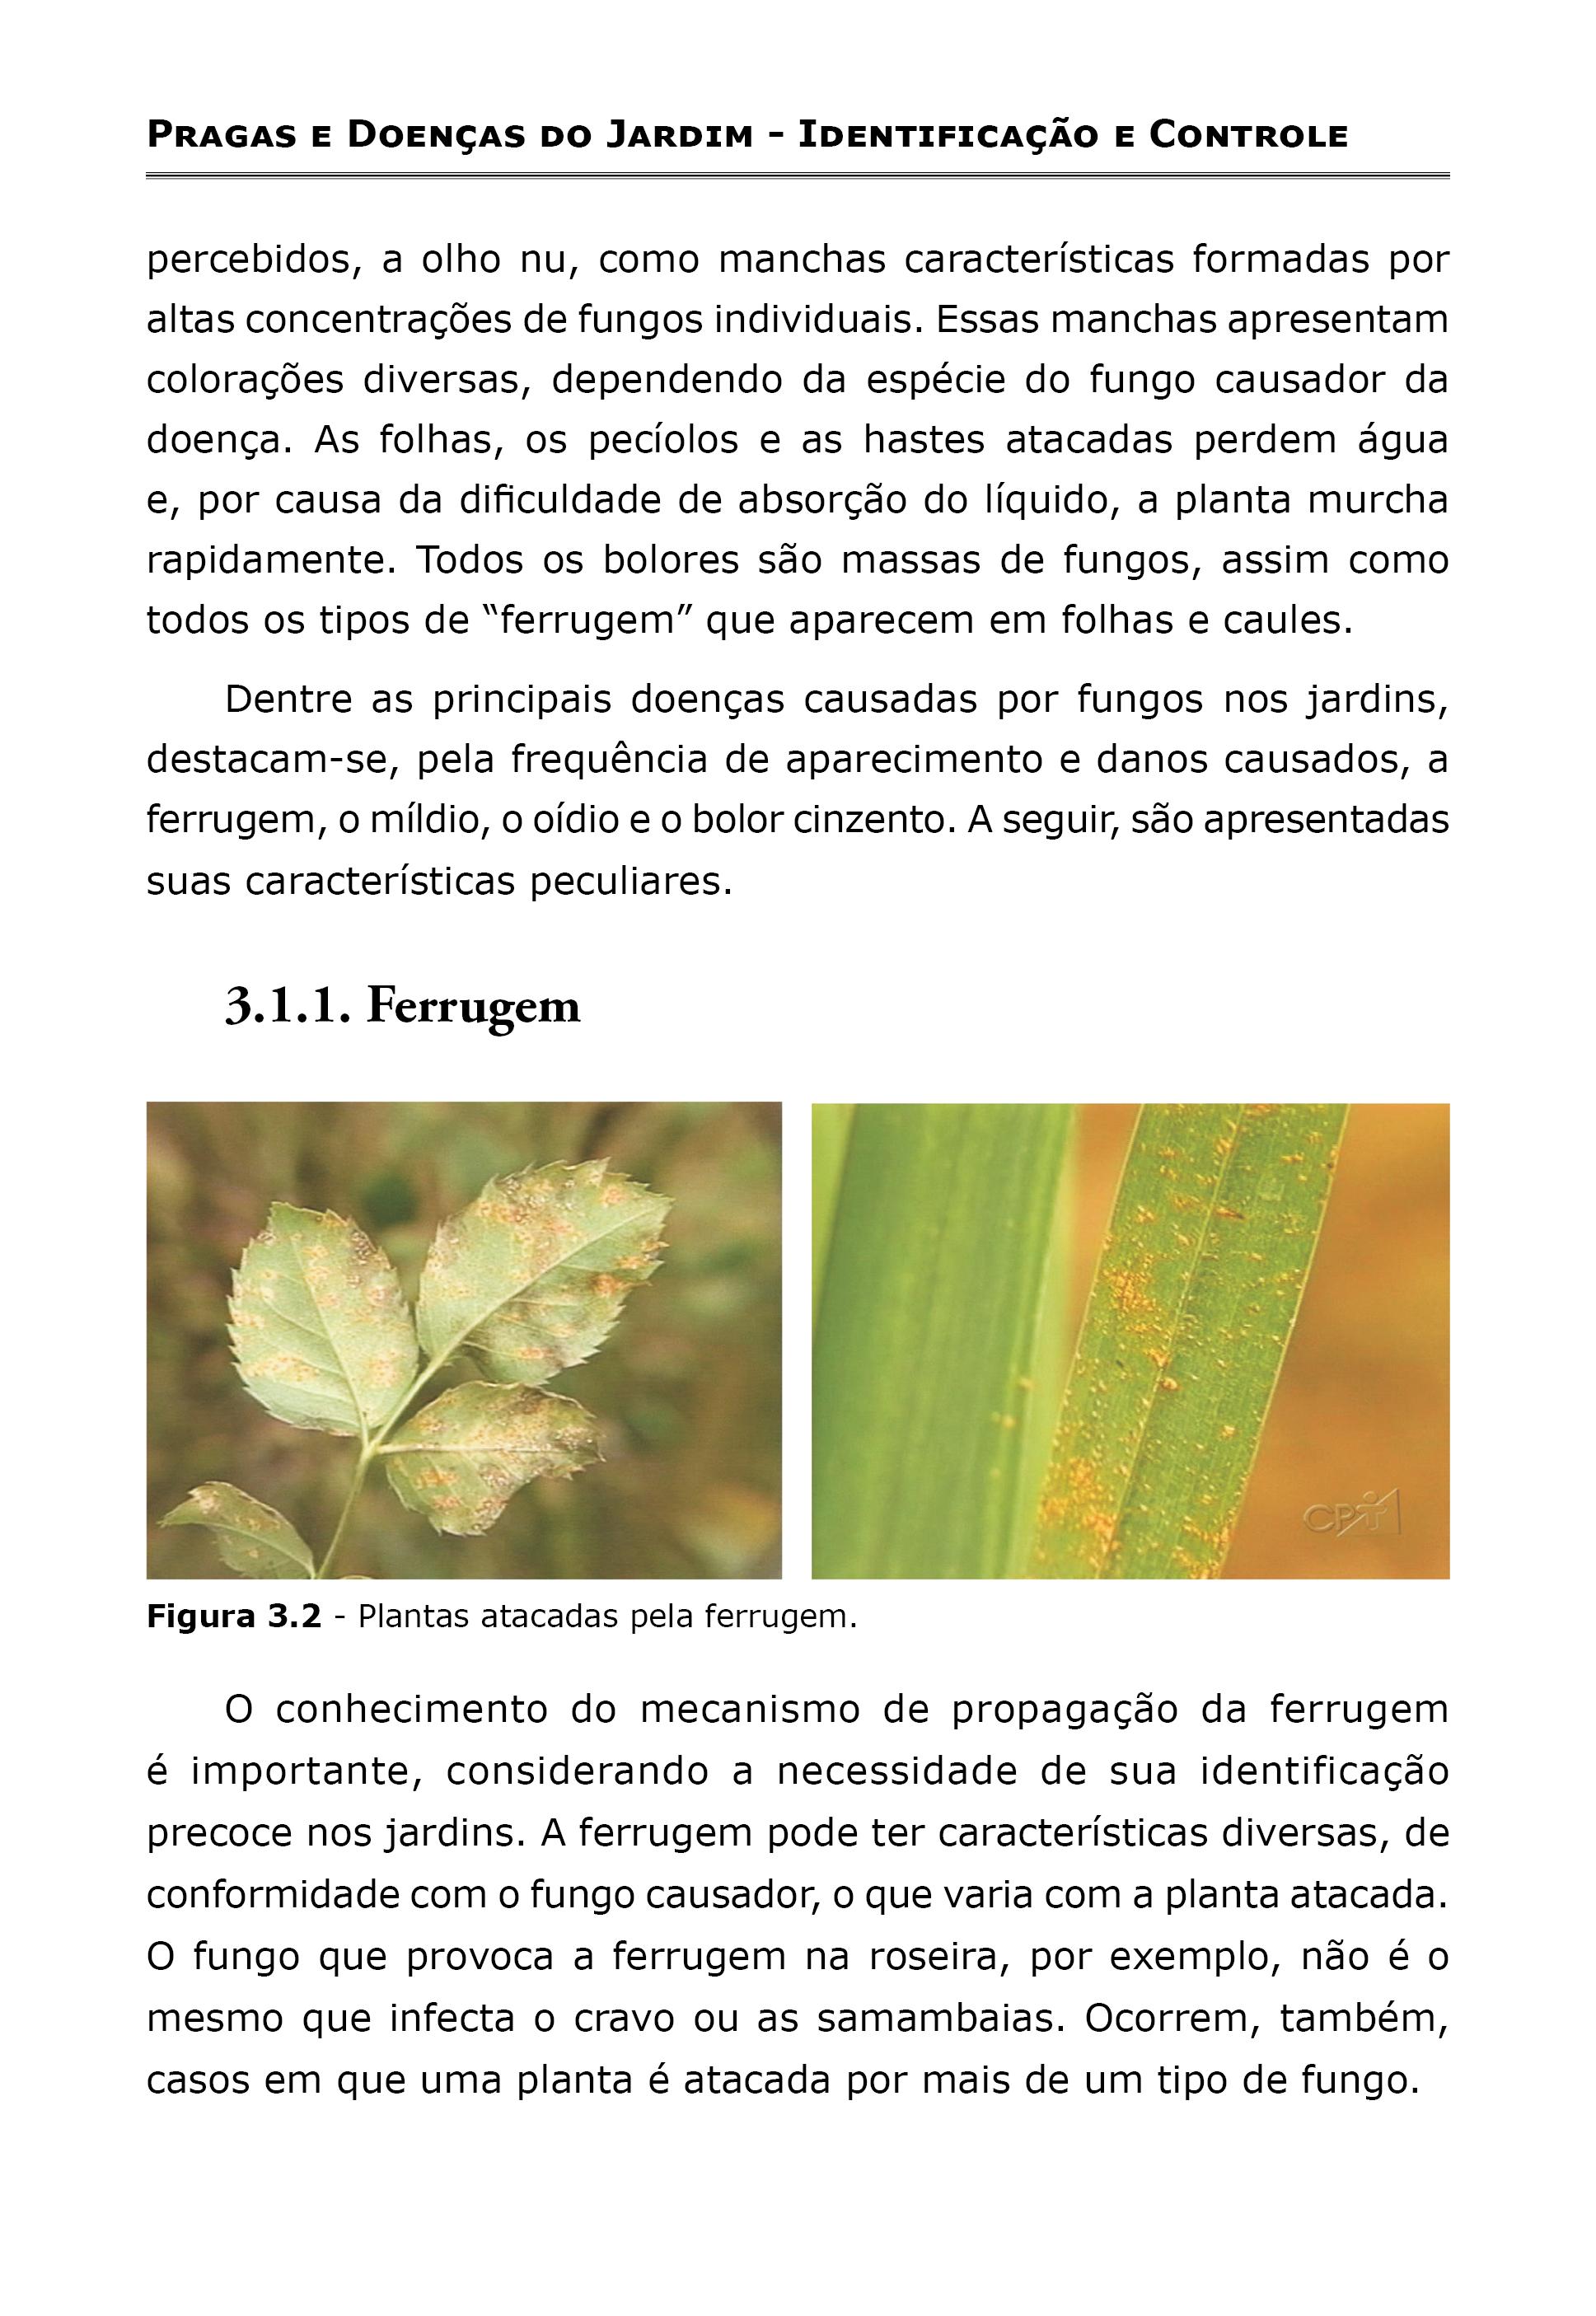 Pragas e Doenças do Jardim Identificação e Controle